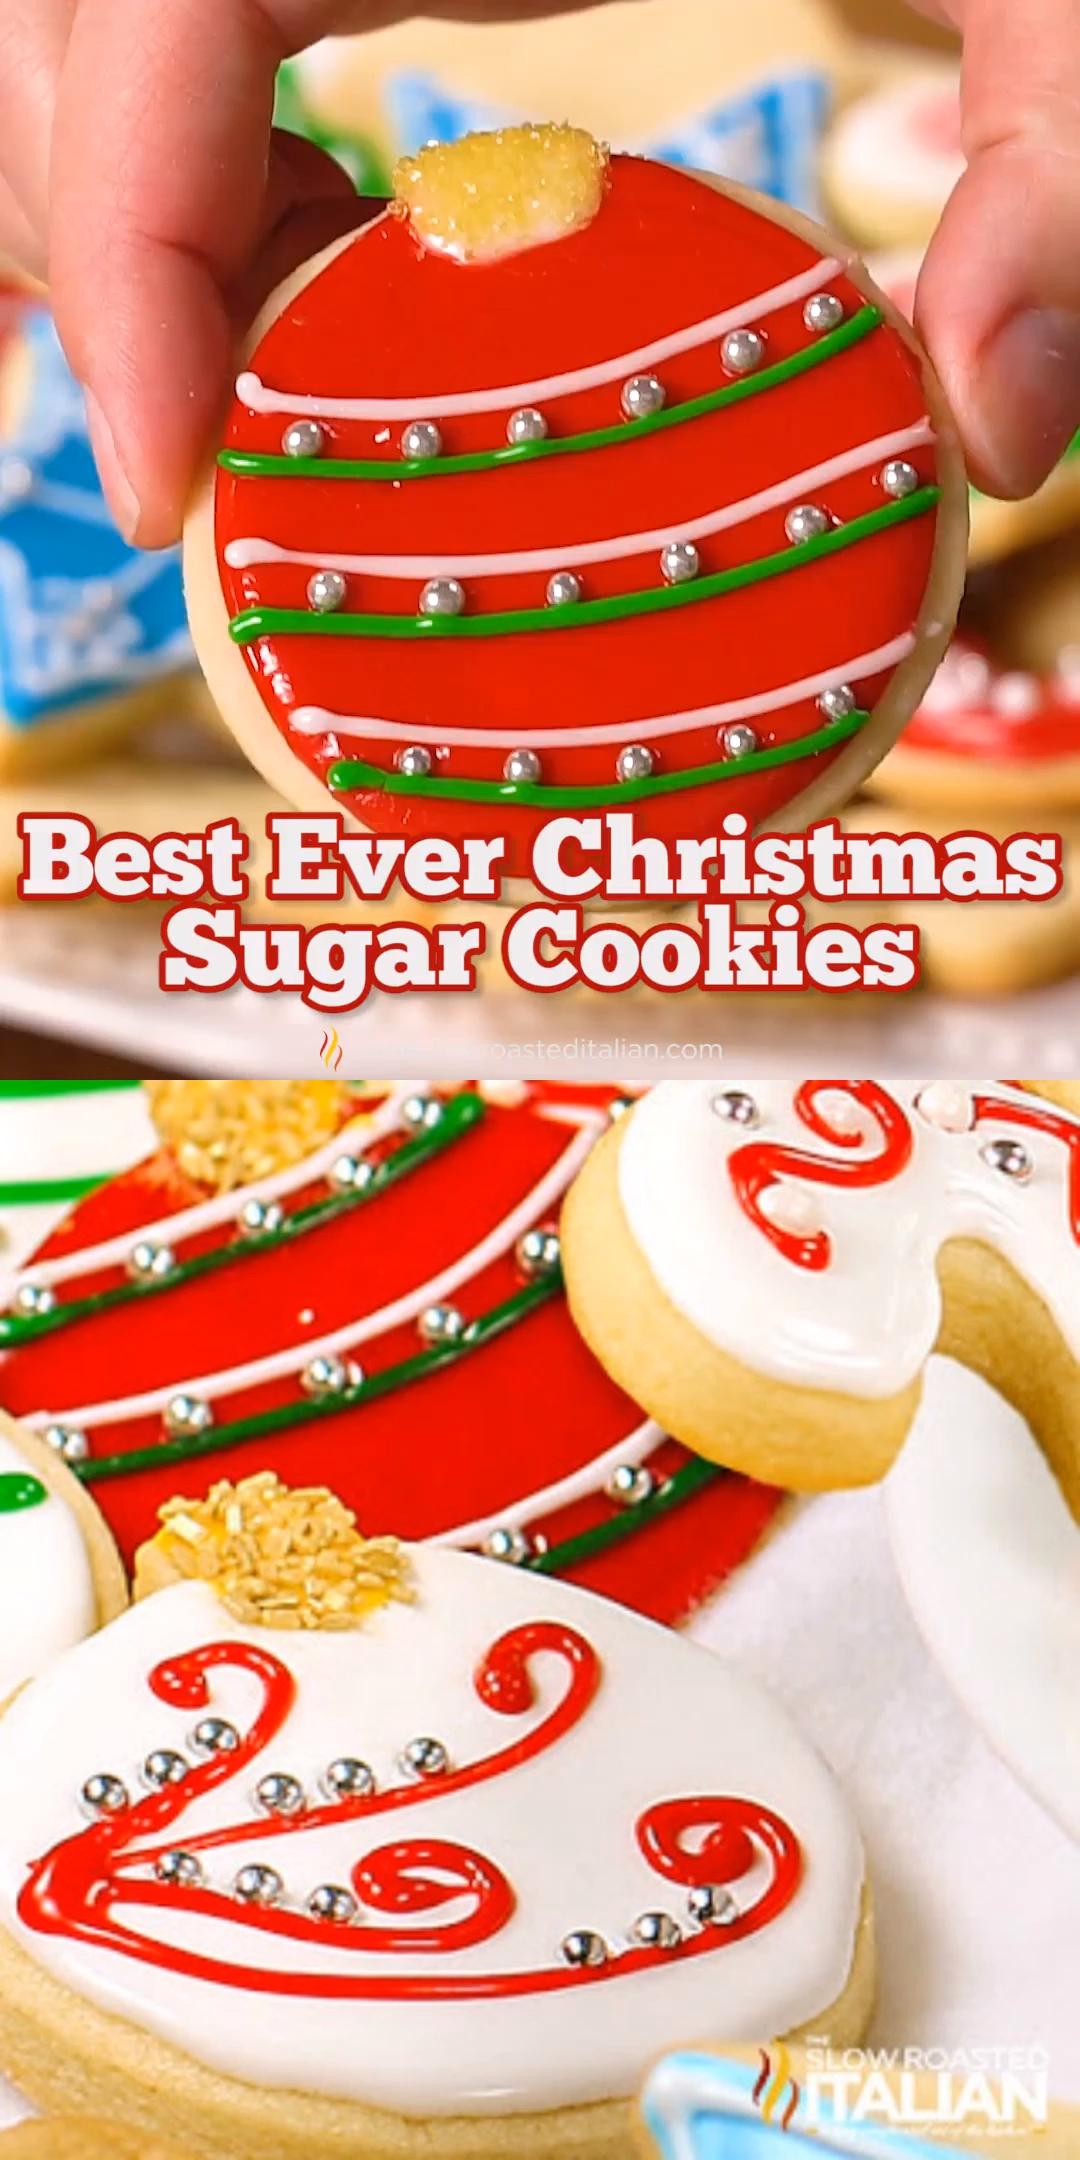 Best Ever Christmas Sugar Cookies